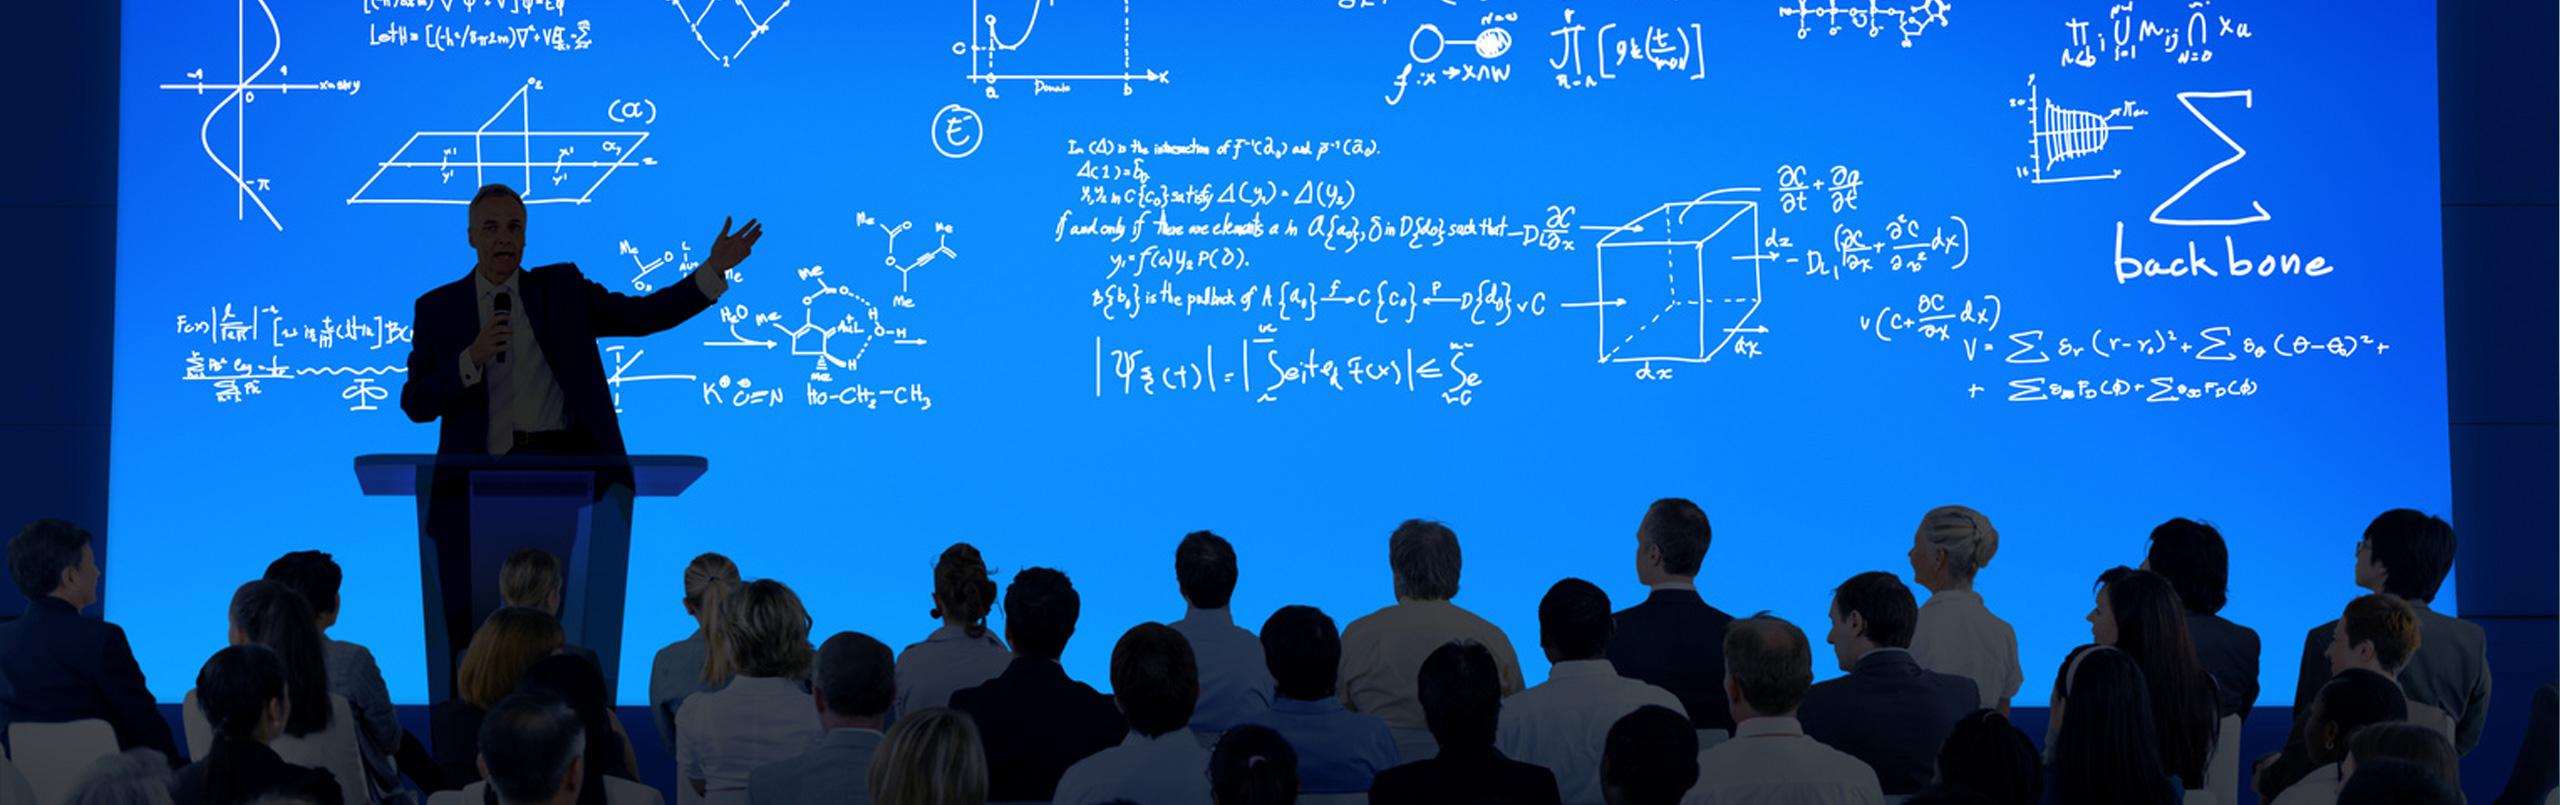 IT-Sicherheit-Industrie-4.0-Konferenz-Schulung-blau